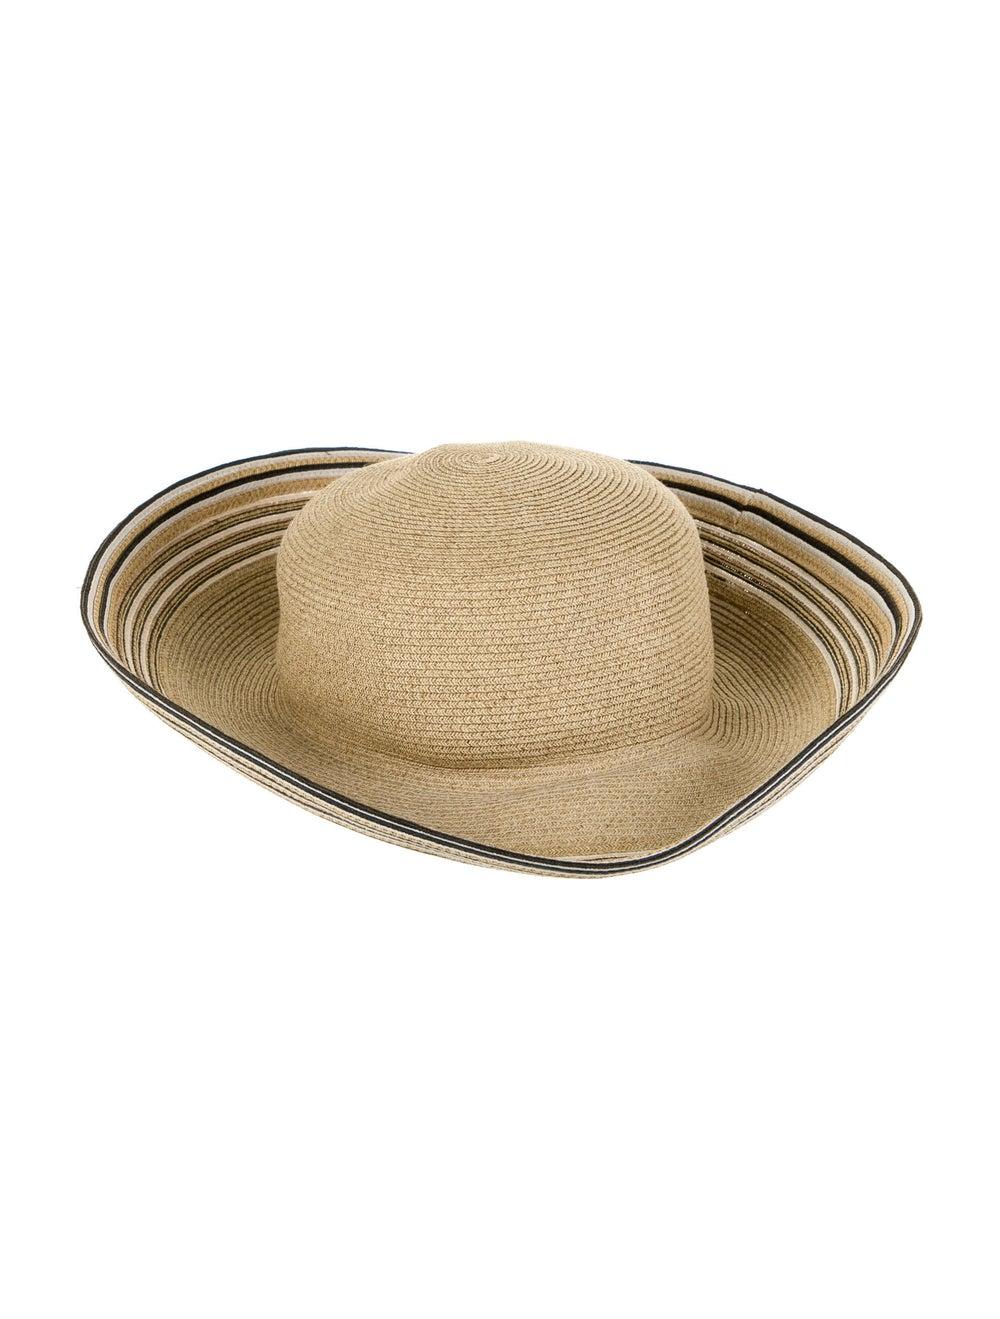 Eric Javits Straw Wide Brim Hat Beige - image 1